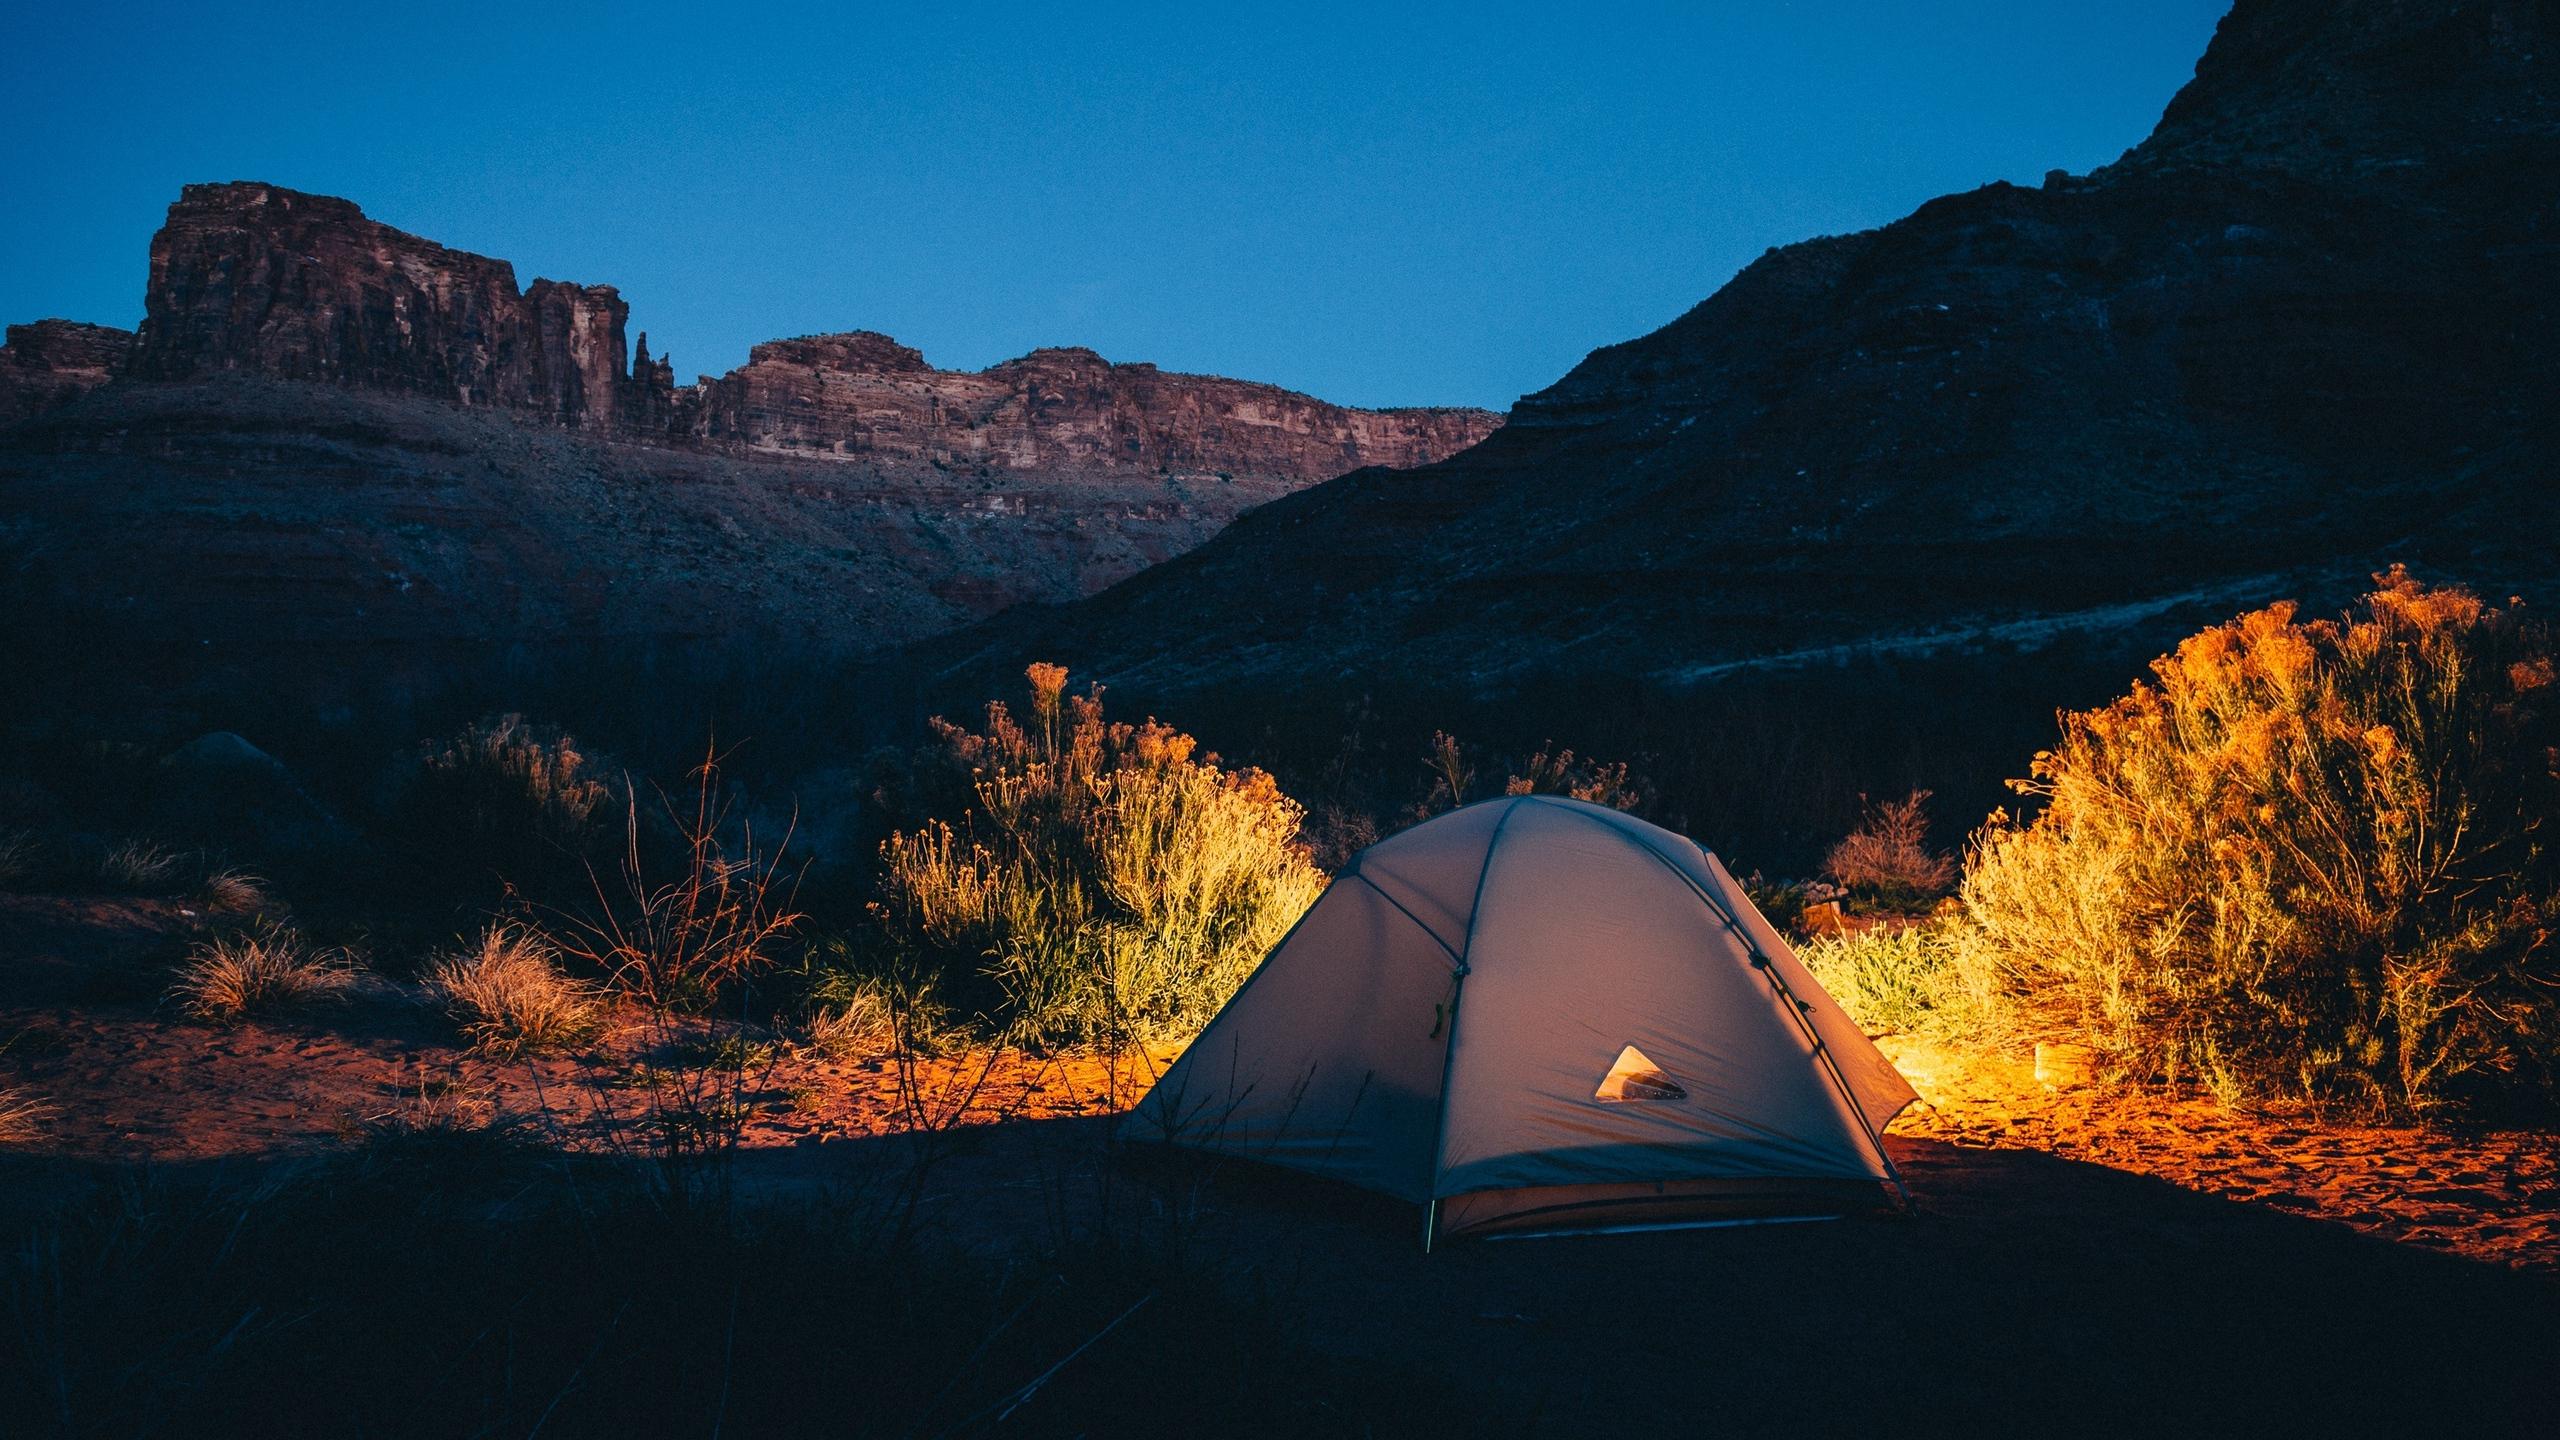 tent camping desert wallpaper 65766